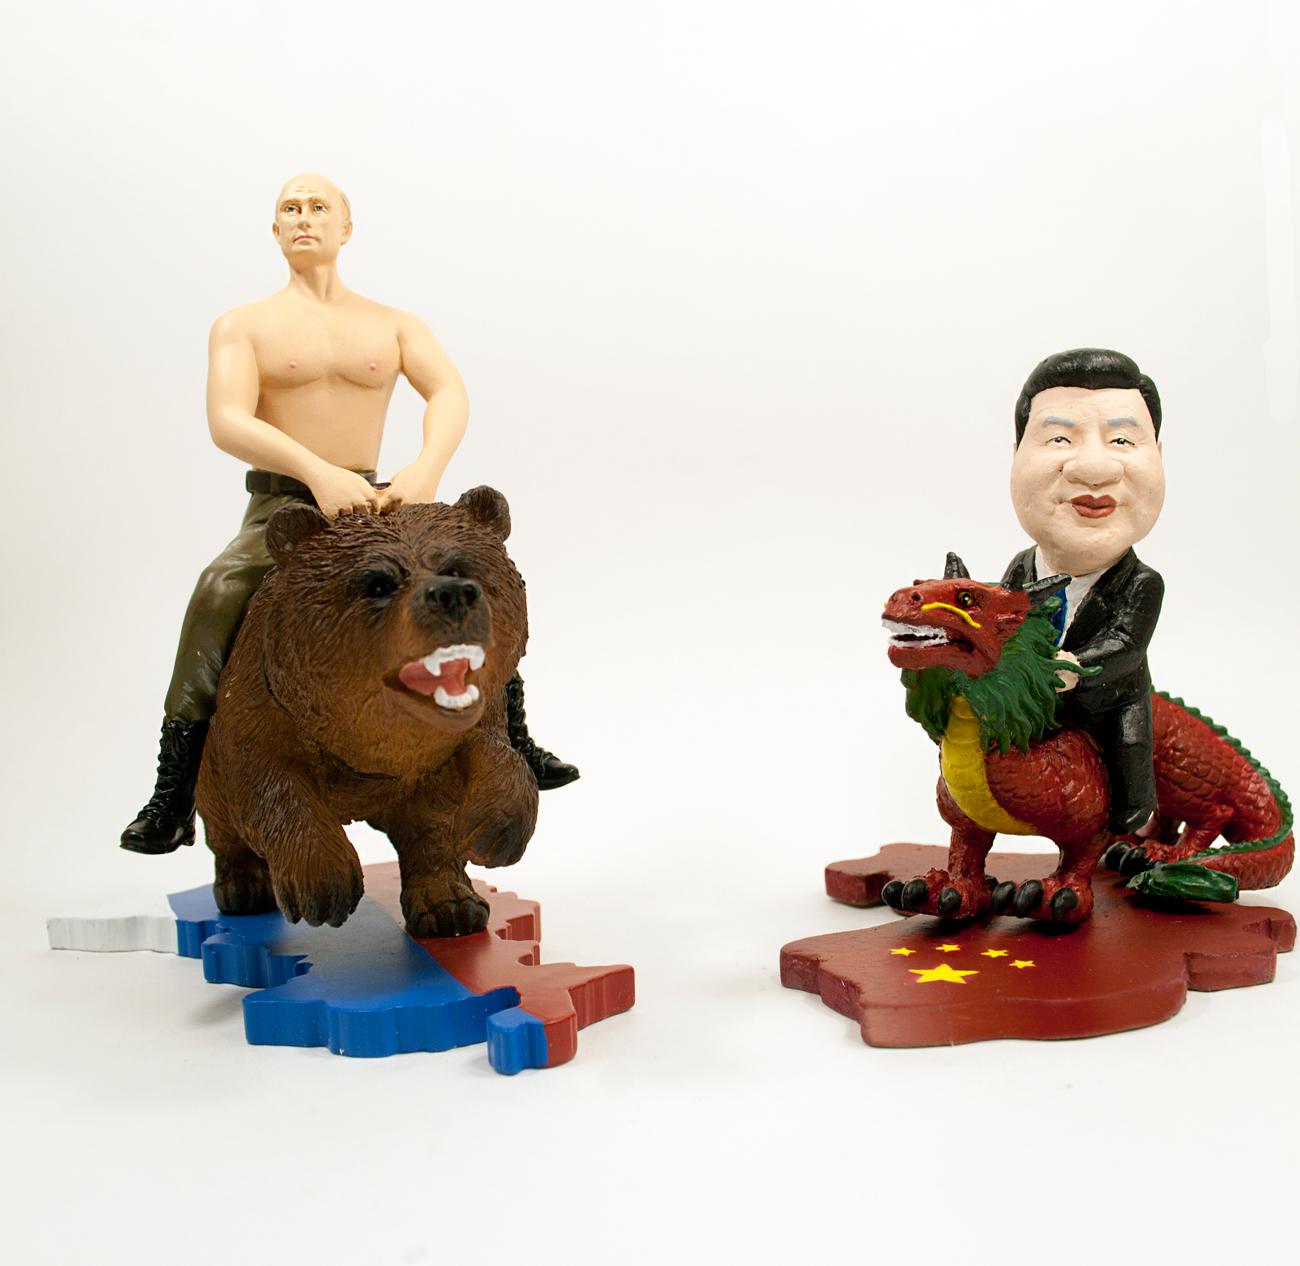 Emresas rusas empiezan a fabricar objetos con la imagen de Vladímir Putin